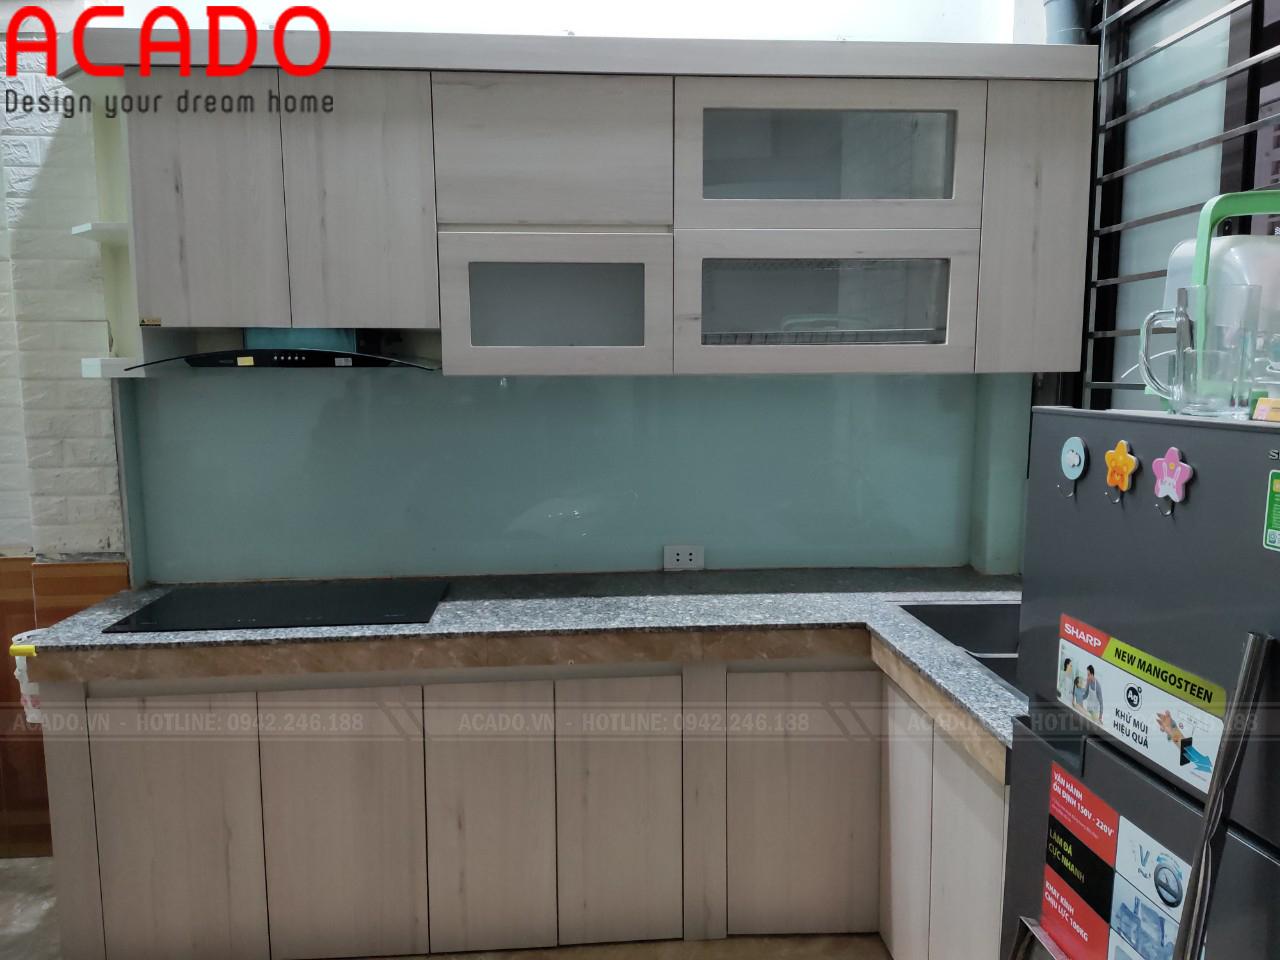 Tủ bếp thiết kế đảm bảo đầy đủ công năng sử dụng - Nội thất ACADO